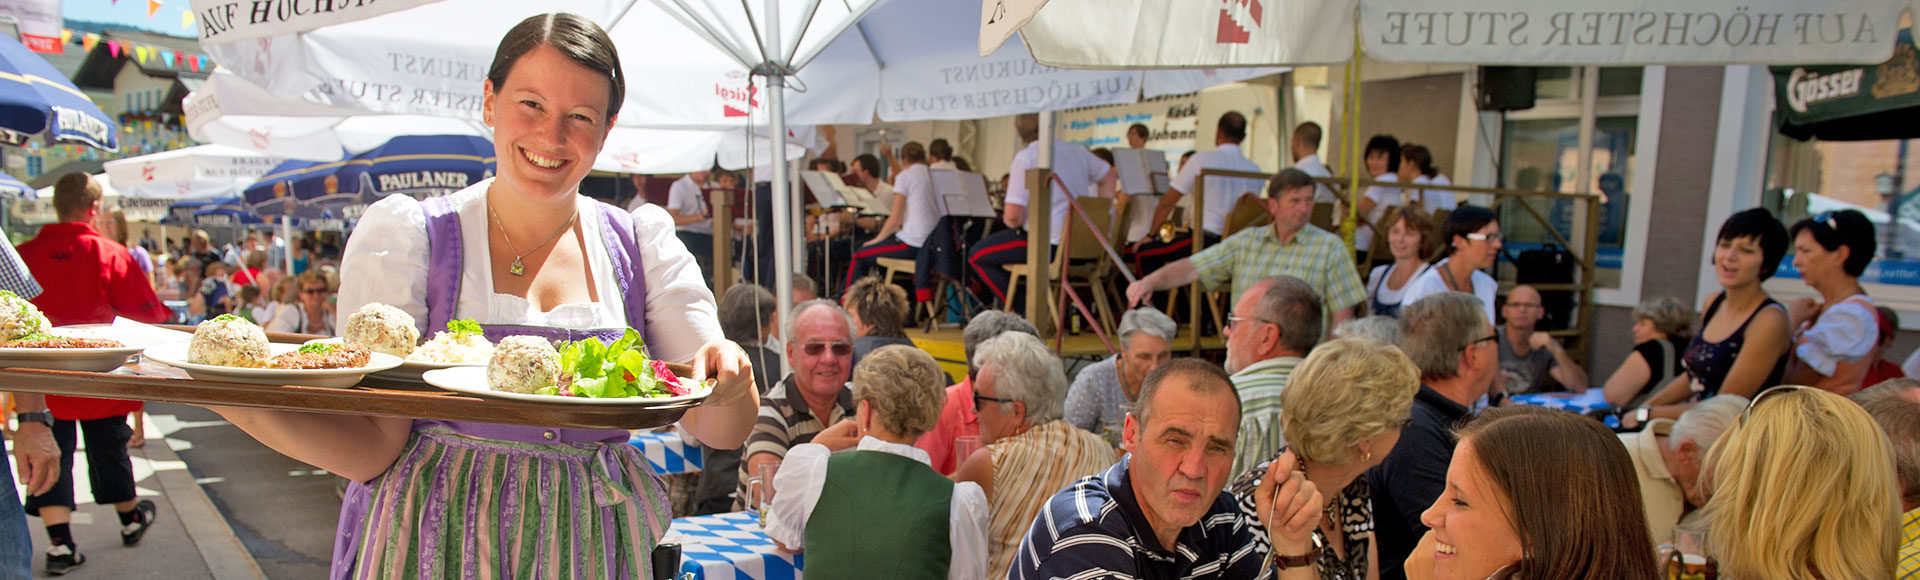 Radstaedter Knoedelfest Tourismusverband Radstadt Thomas Stiegler